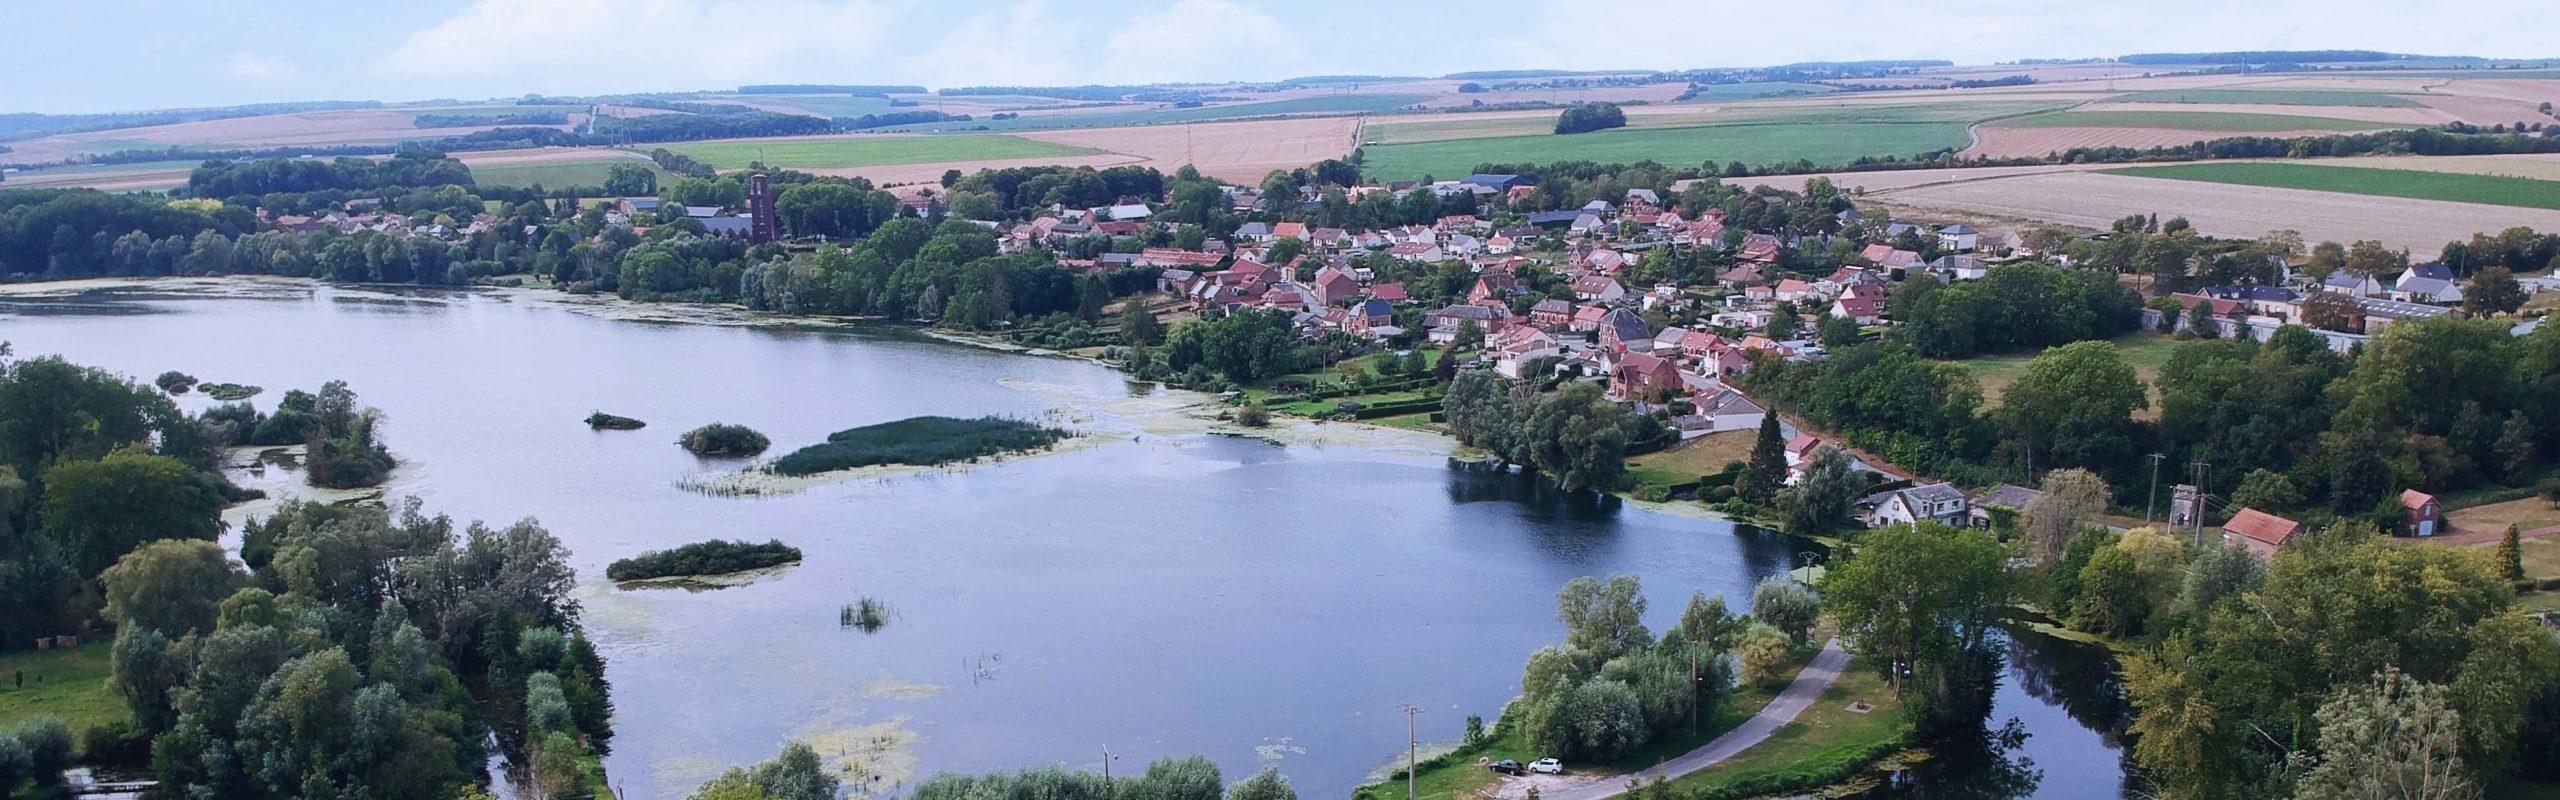 Etang | Cléry-sur-Somme